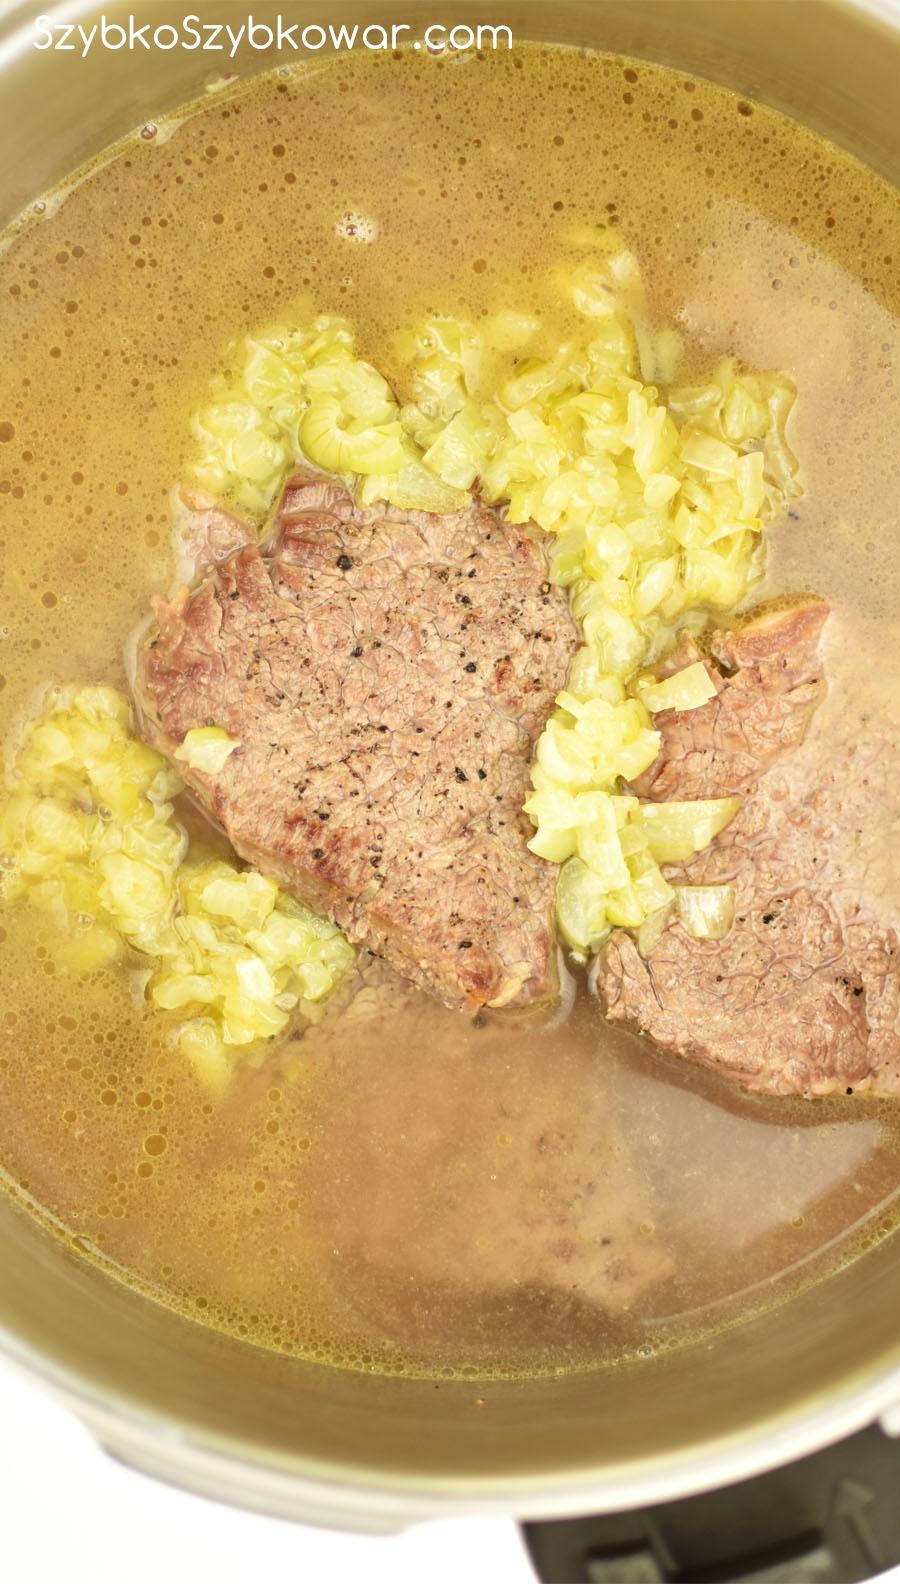 Wołowina zalana gorącą wodą zaraz przed gotowaniem.